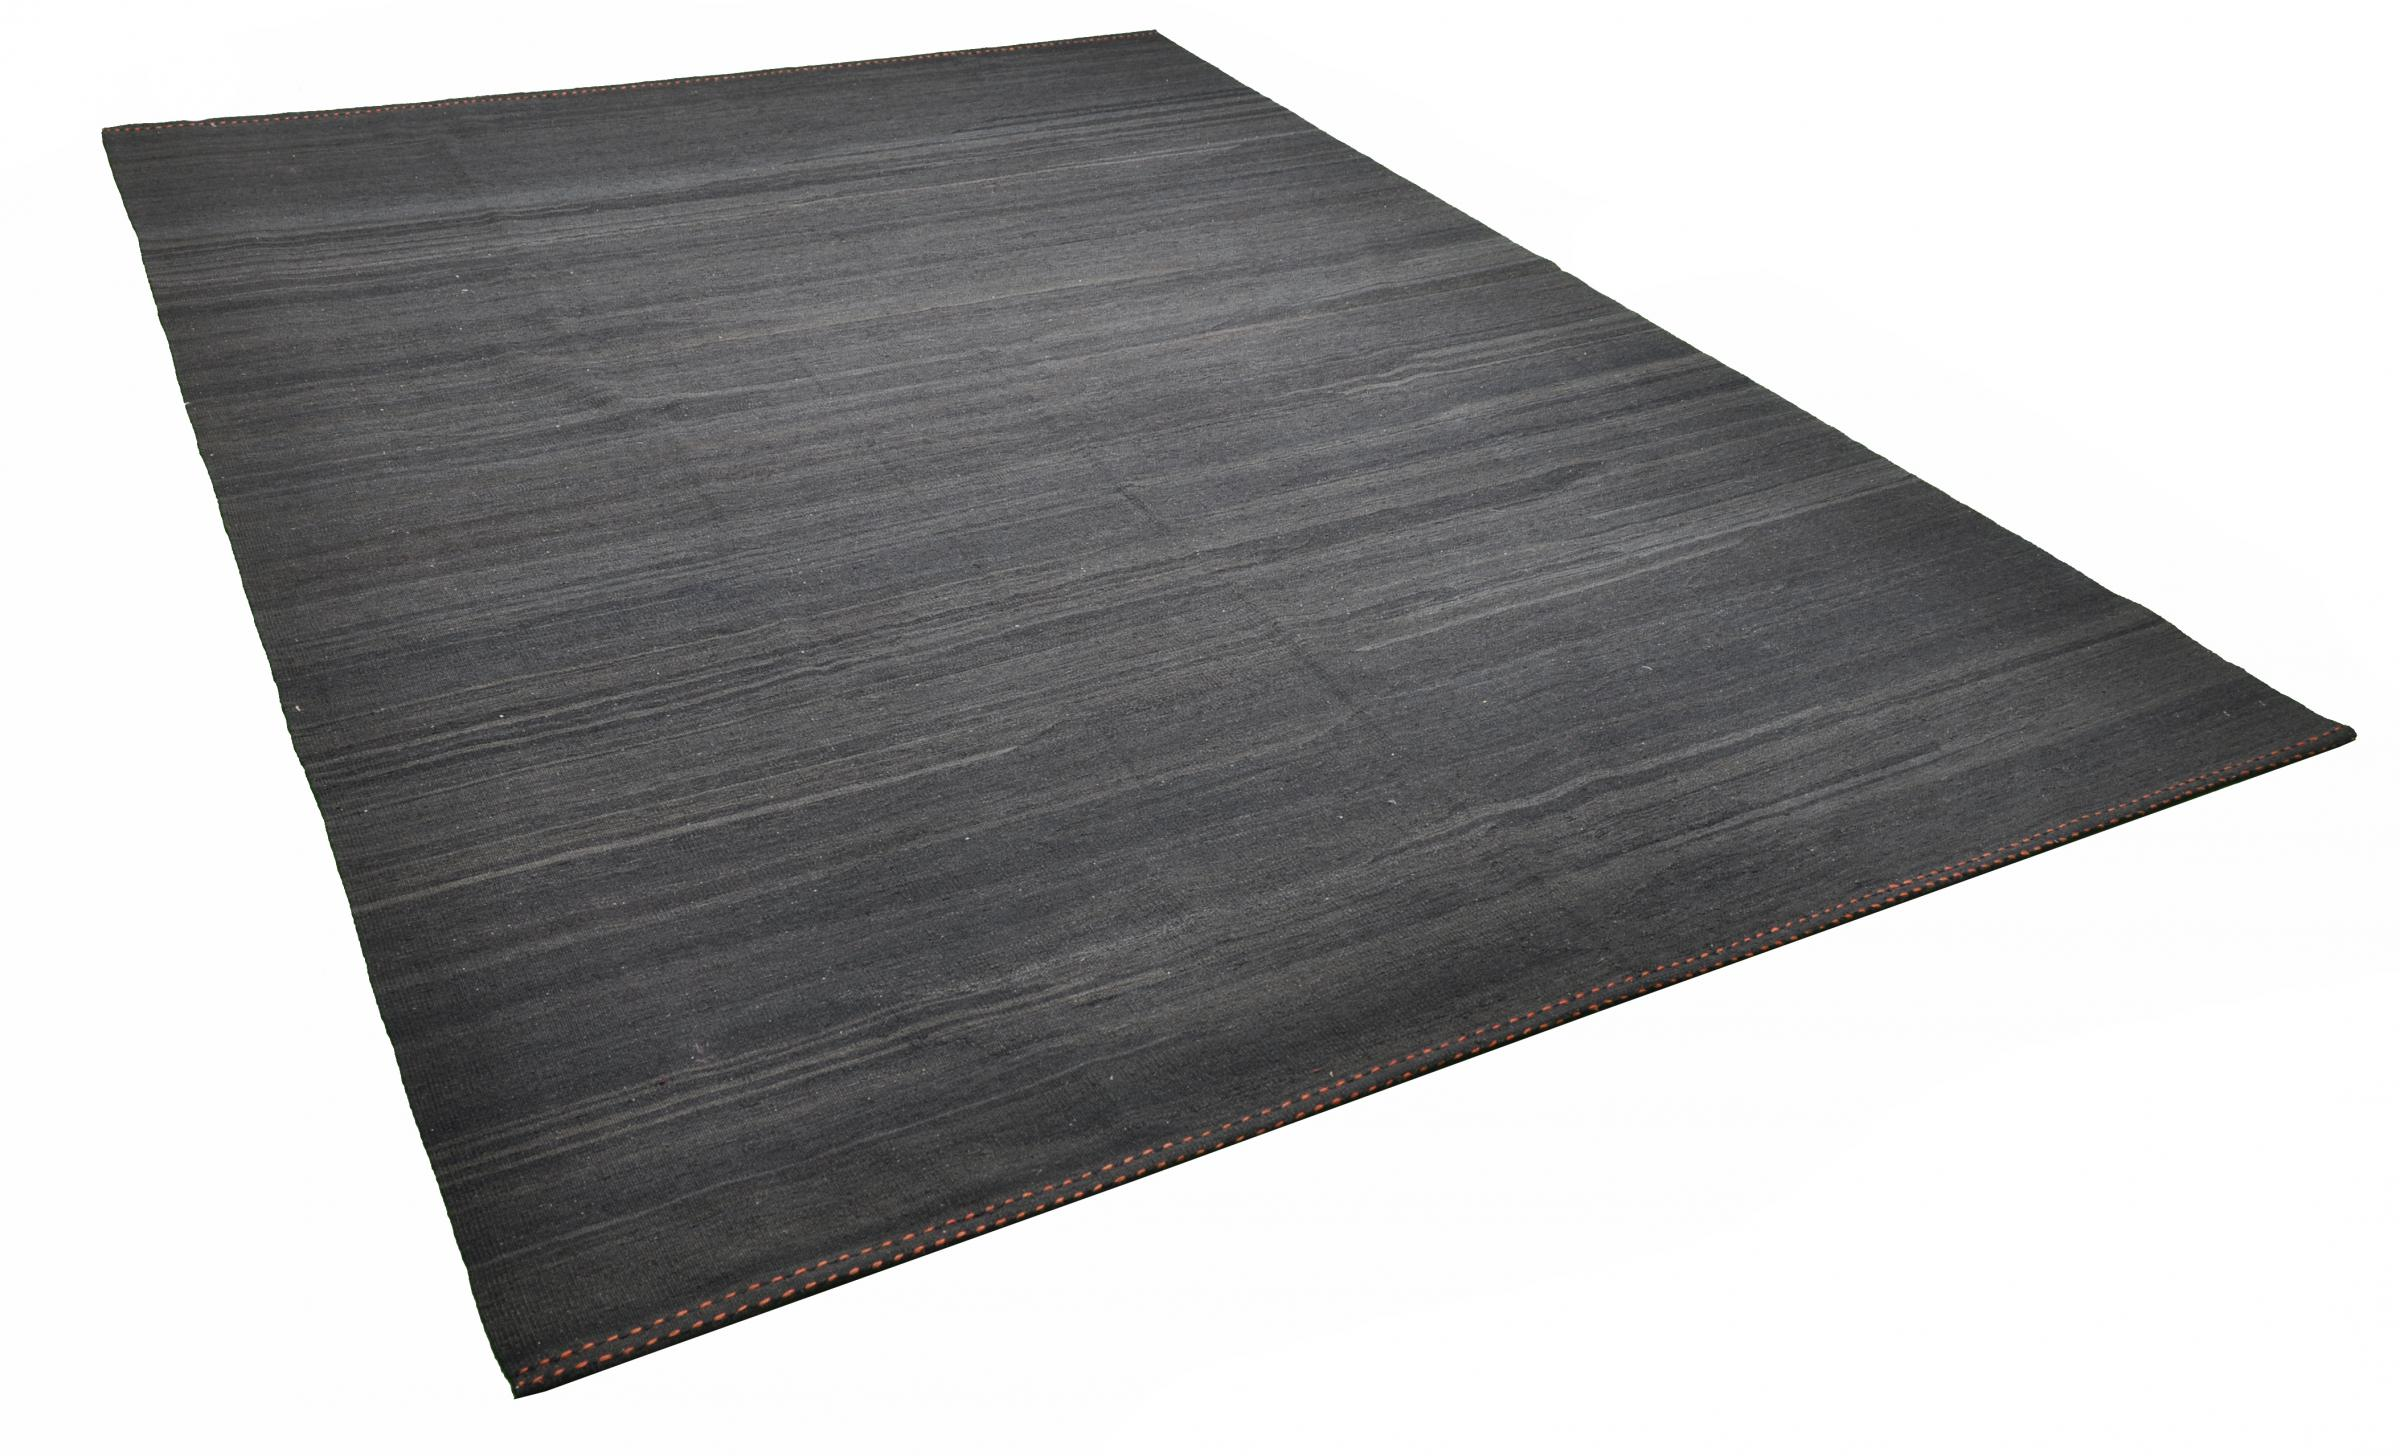 kelim modern perserteppich 358x255 id32689 kaufen sie. Black Bedroom Furniture Sets. Home Design Ideas